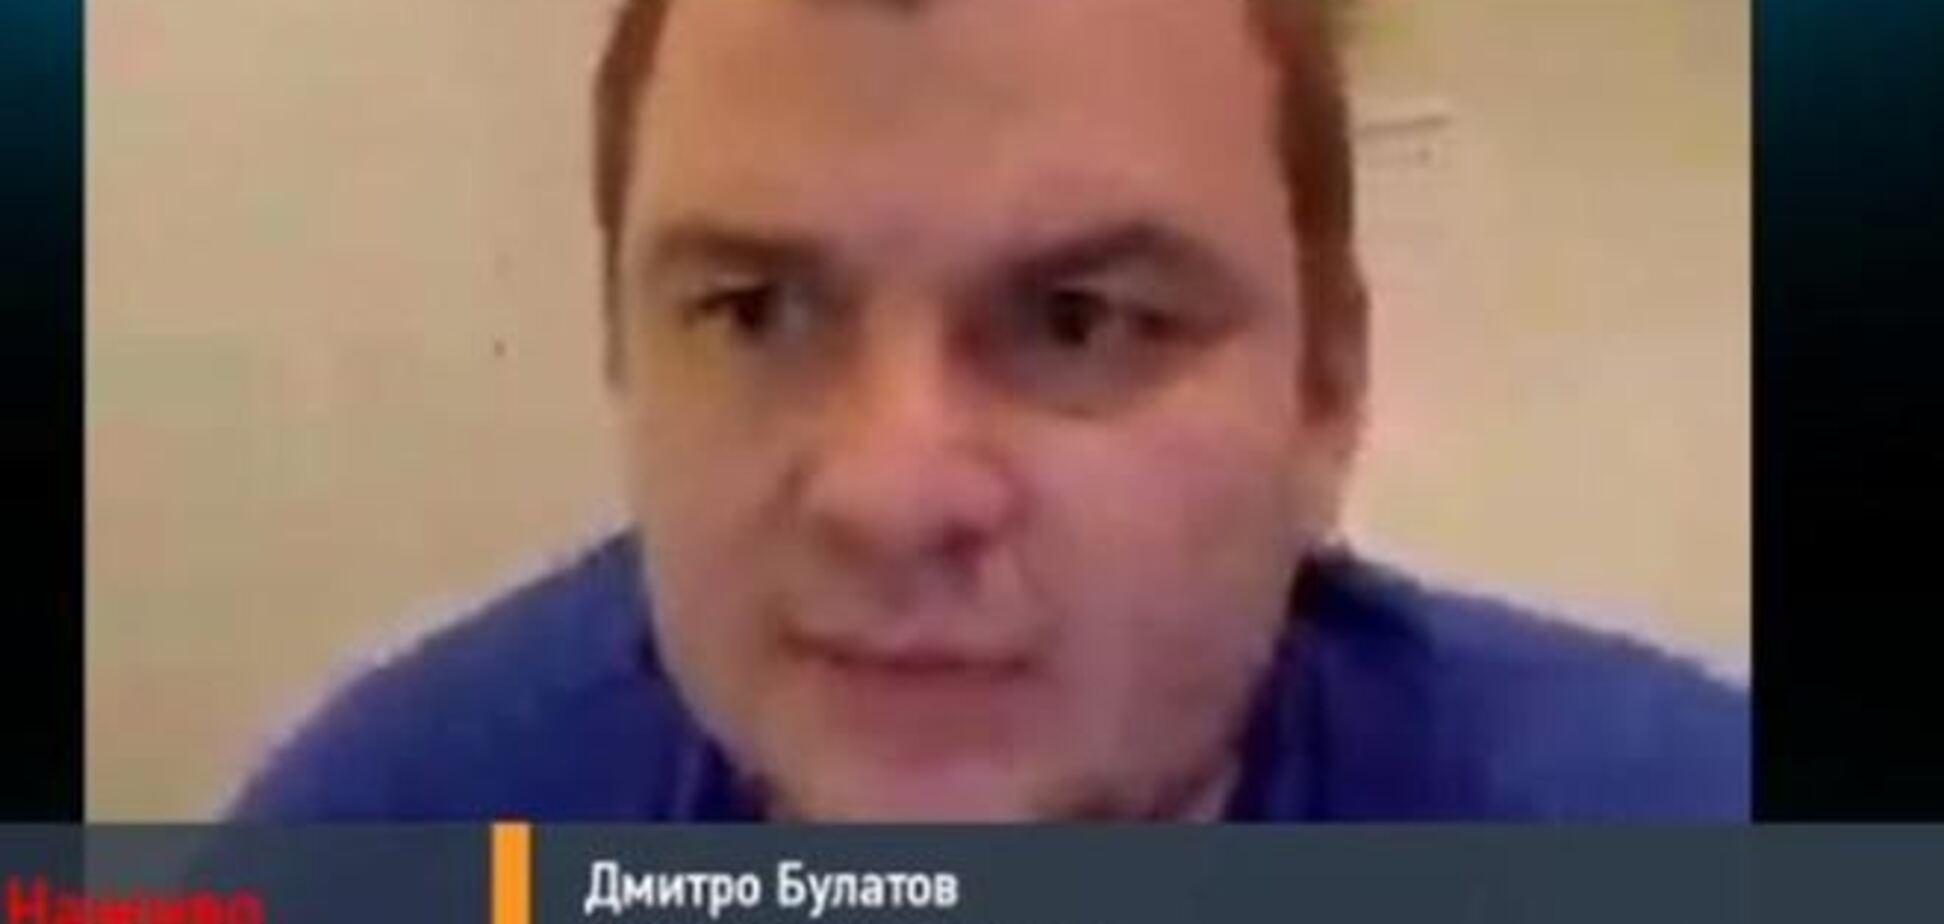 Булатов: мою банковскую карточку украли похитители